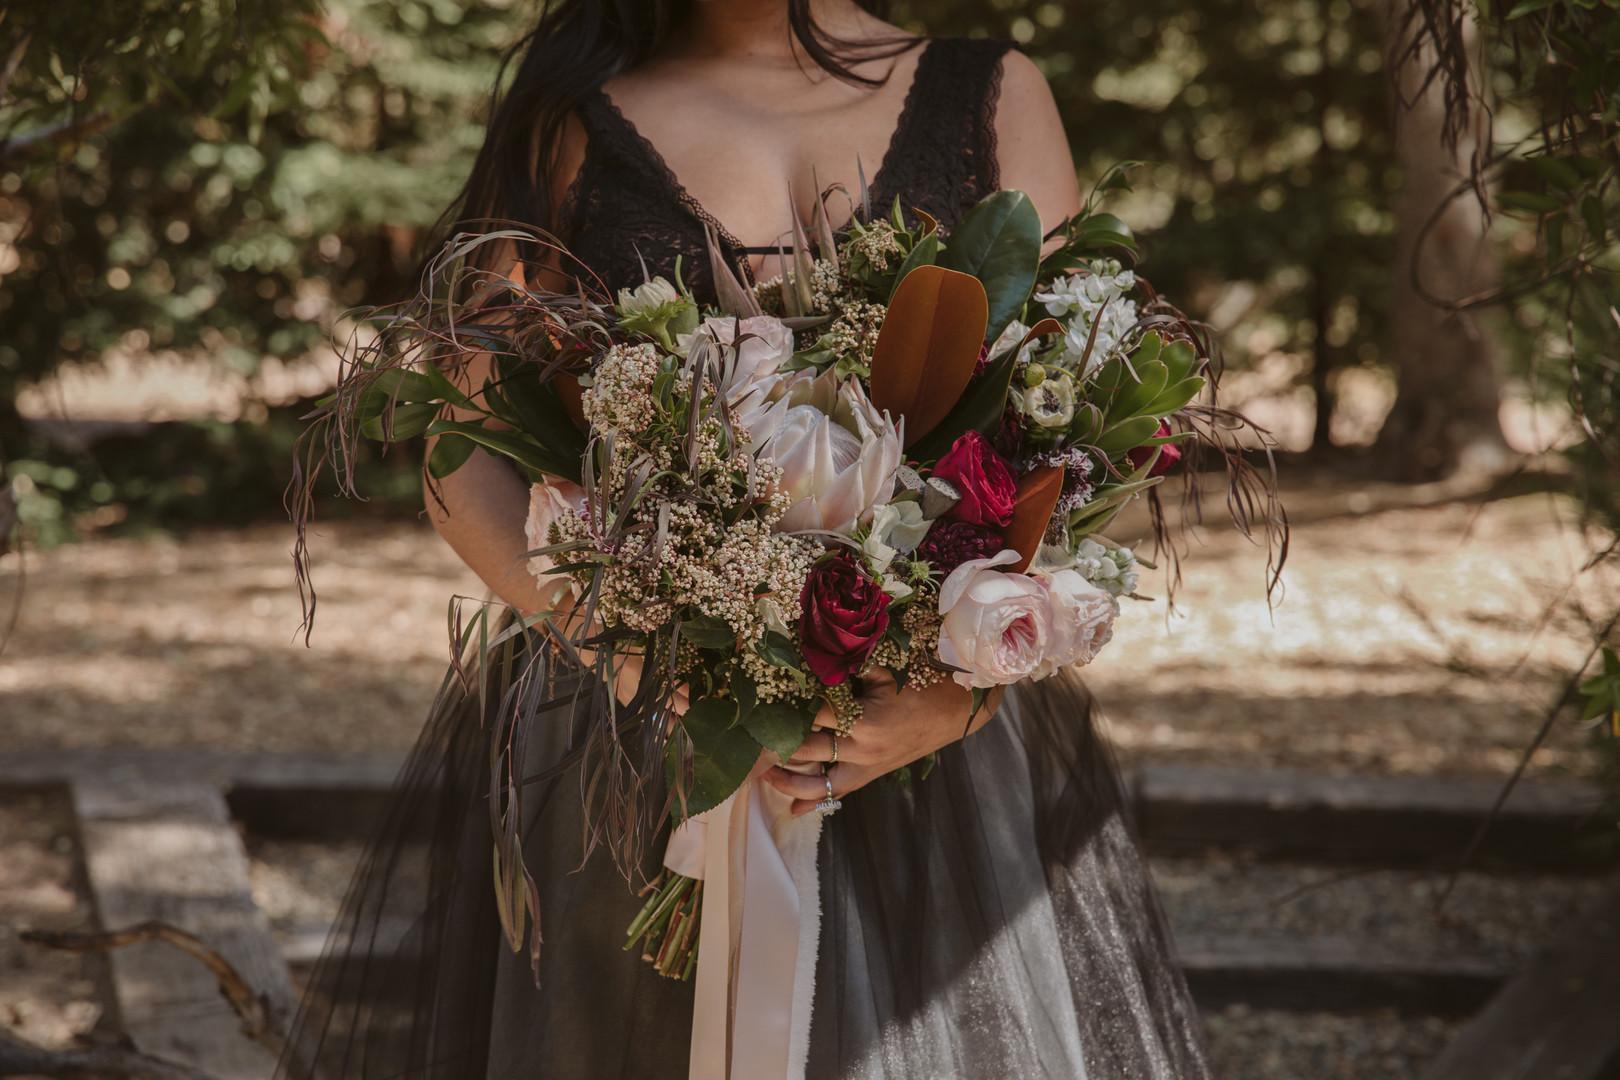 bröllop+moody+bukett+klänning